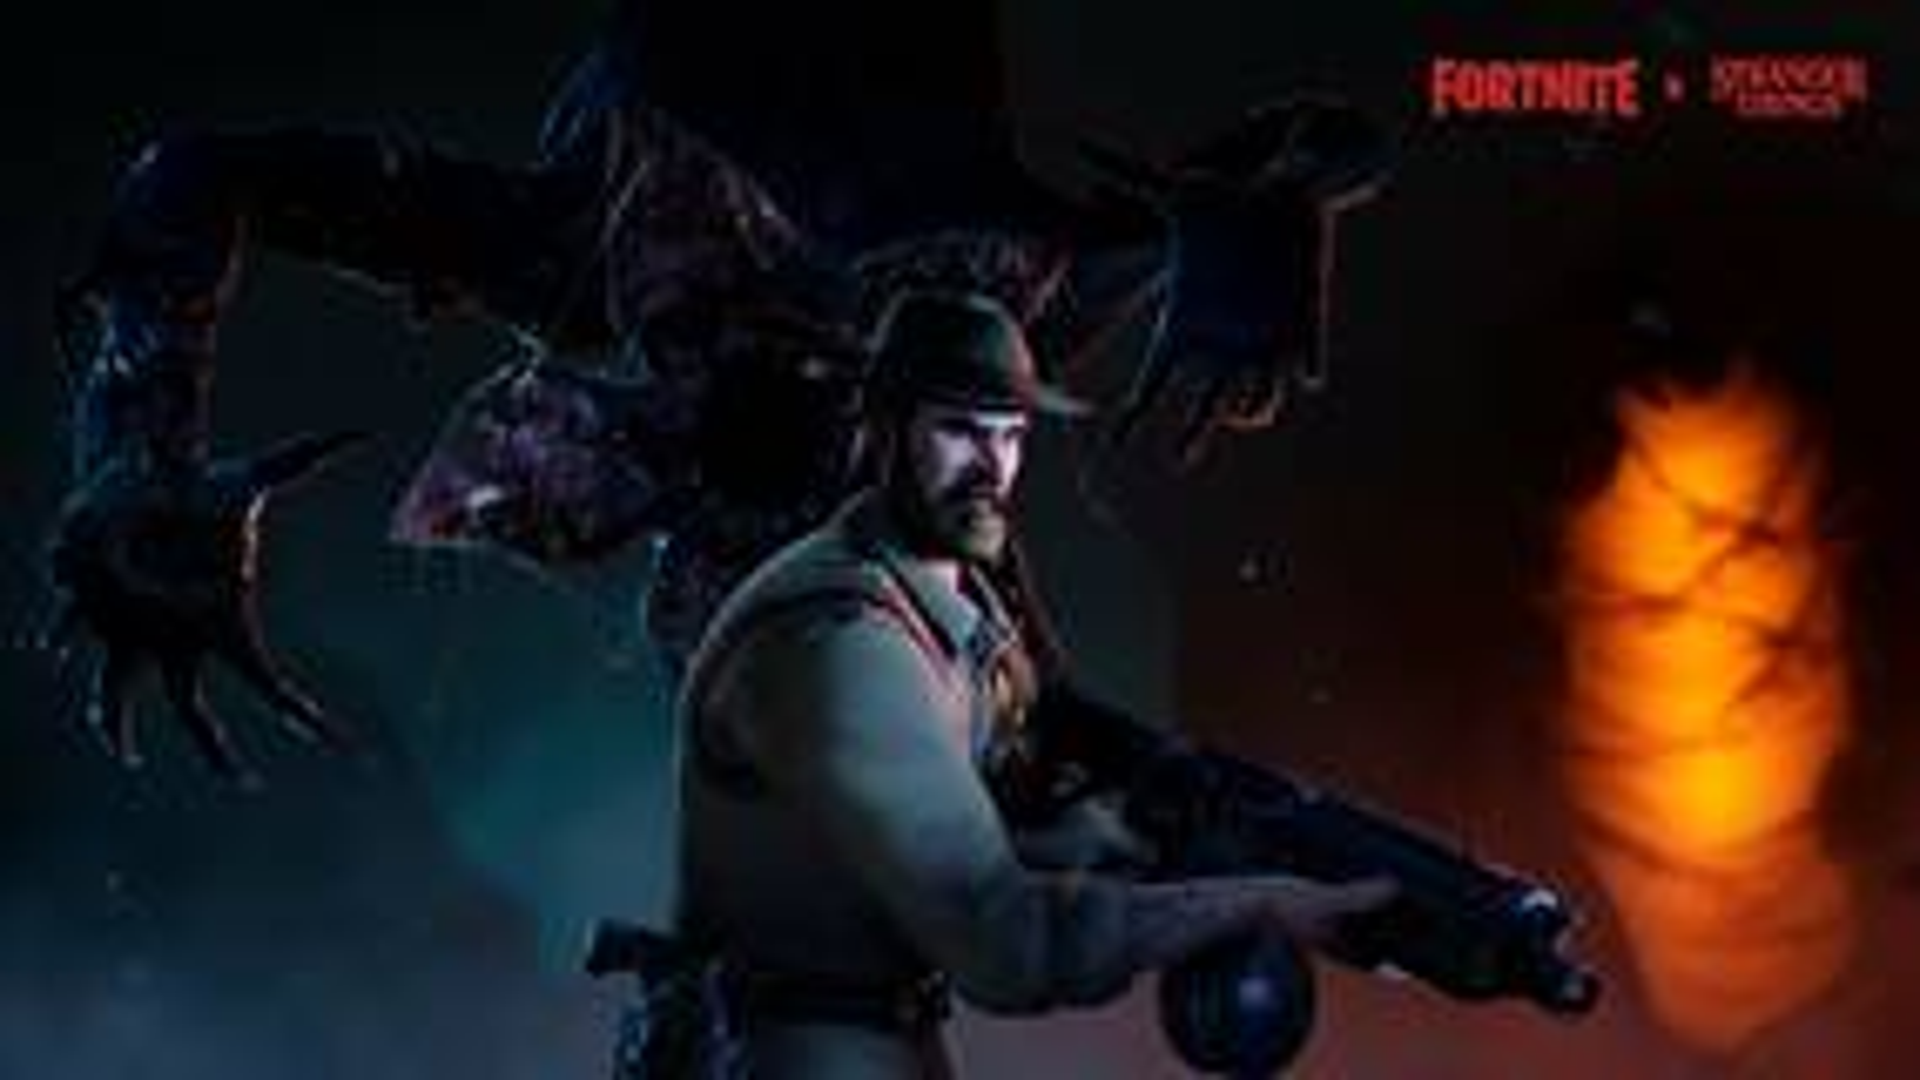 Image for Fortnite gets Demogorgon, Chief Hopper skins in Stranger Things crossover